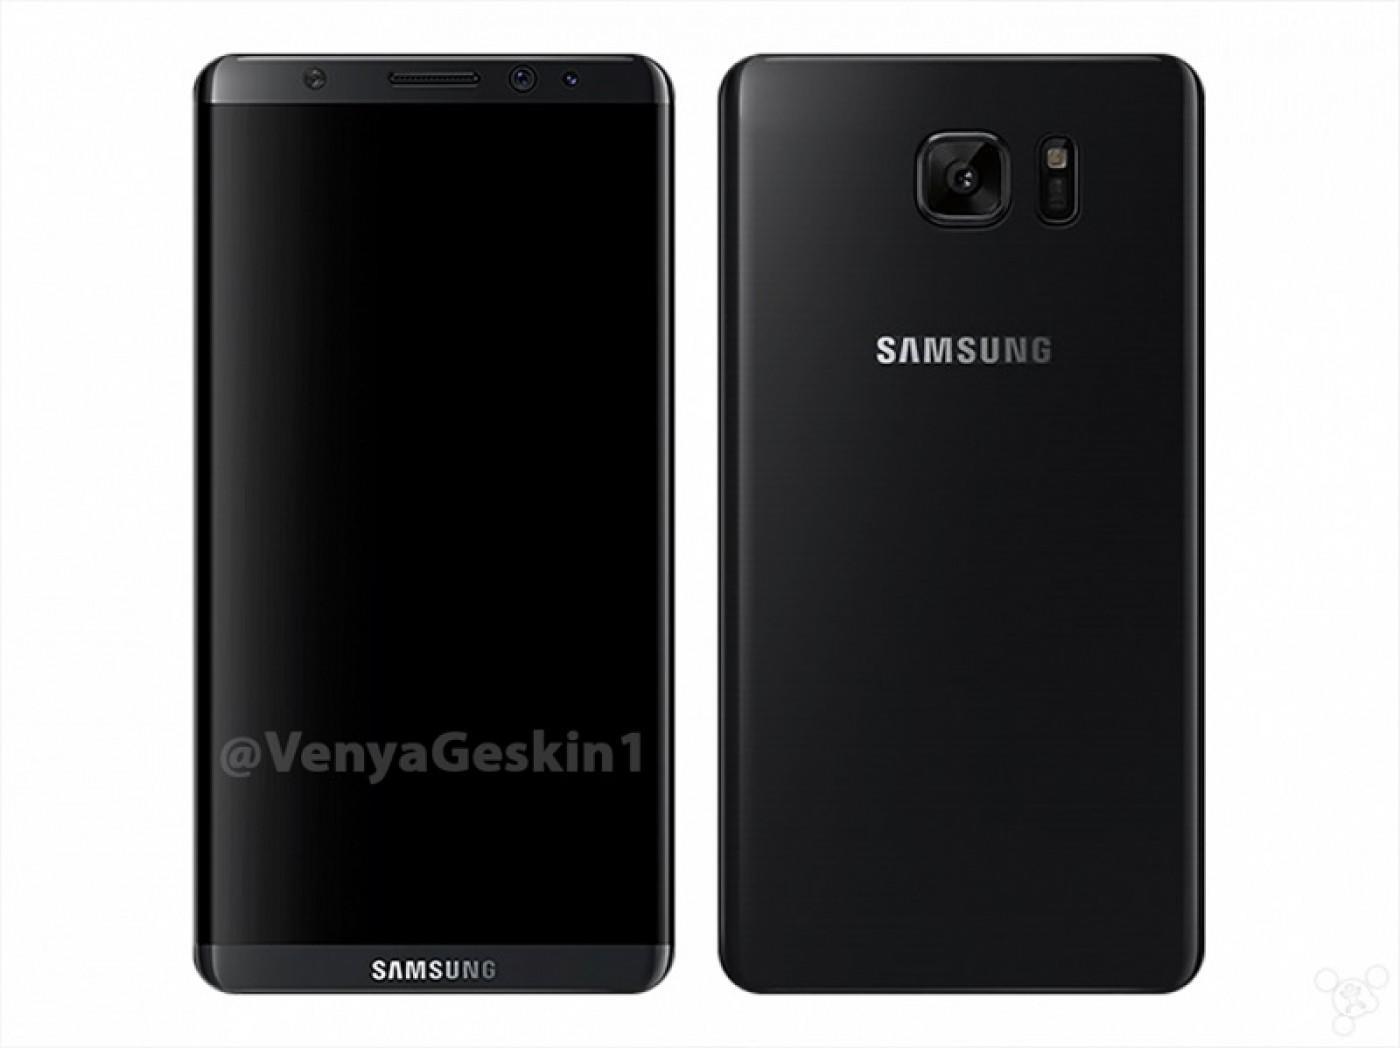 Filtrados los precios y colores del Samsung Galaxy S8 y S8 Plus